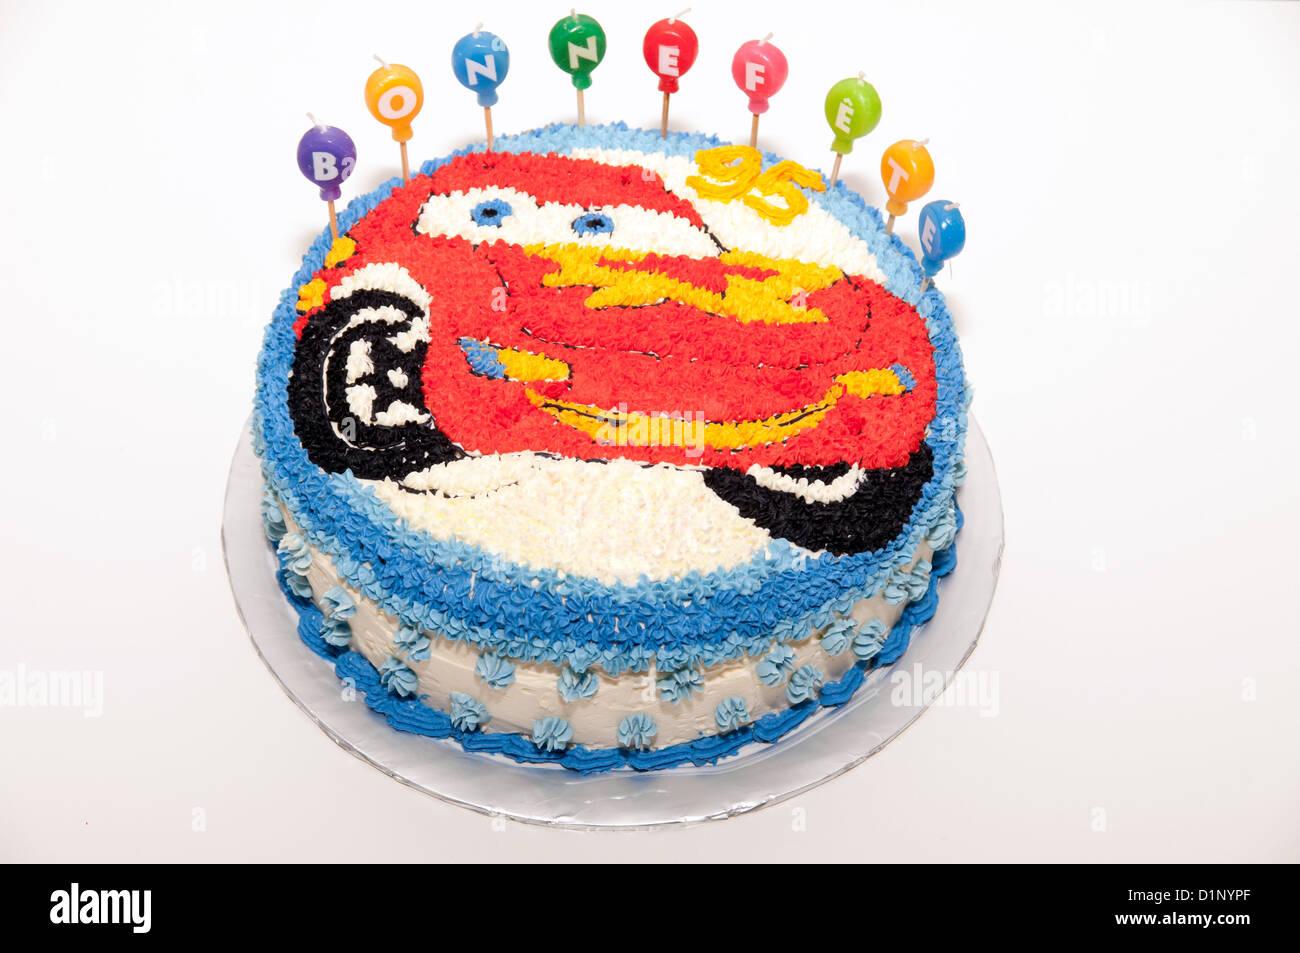 Ein Happy Birthday Kuchen Mit Flash McQueen Aus Cars Dekoration